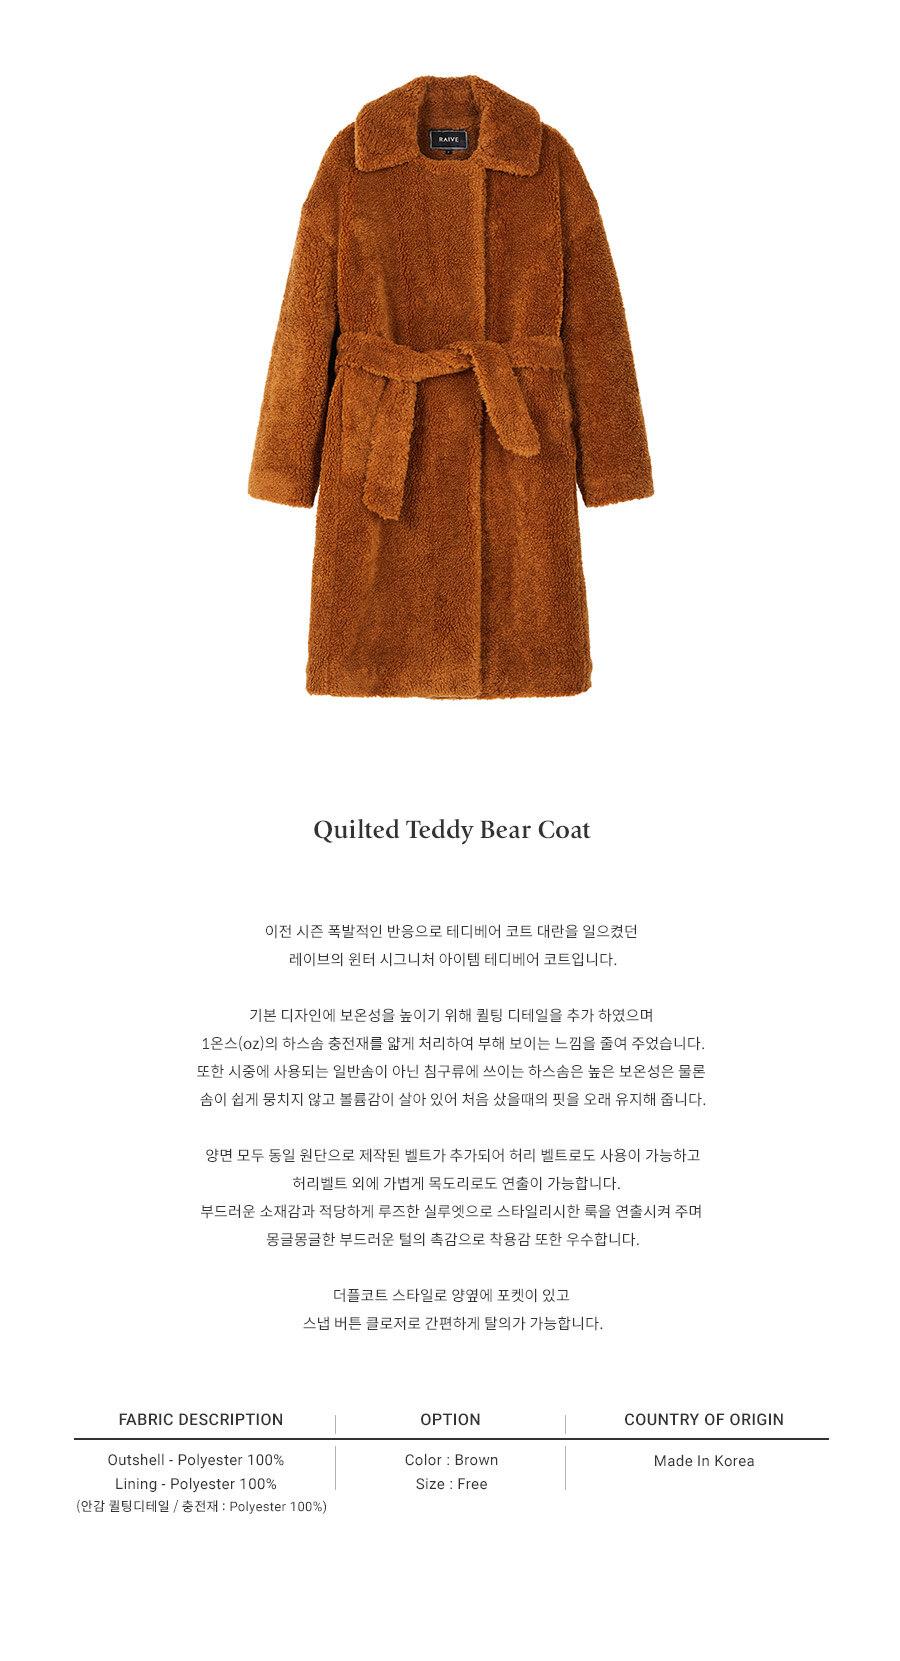 레이브(RAIVE) Quilted Teddy Bear Coat (Brown)_VW8WH0090